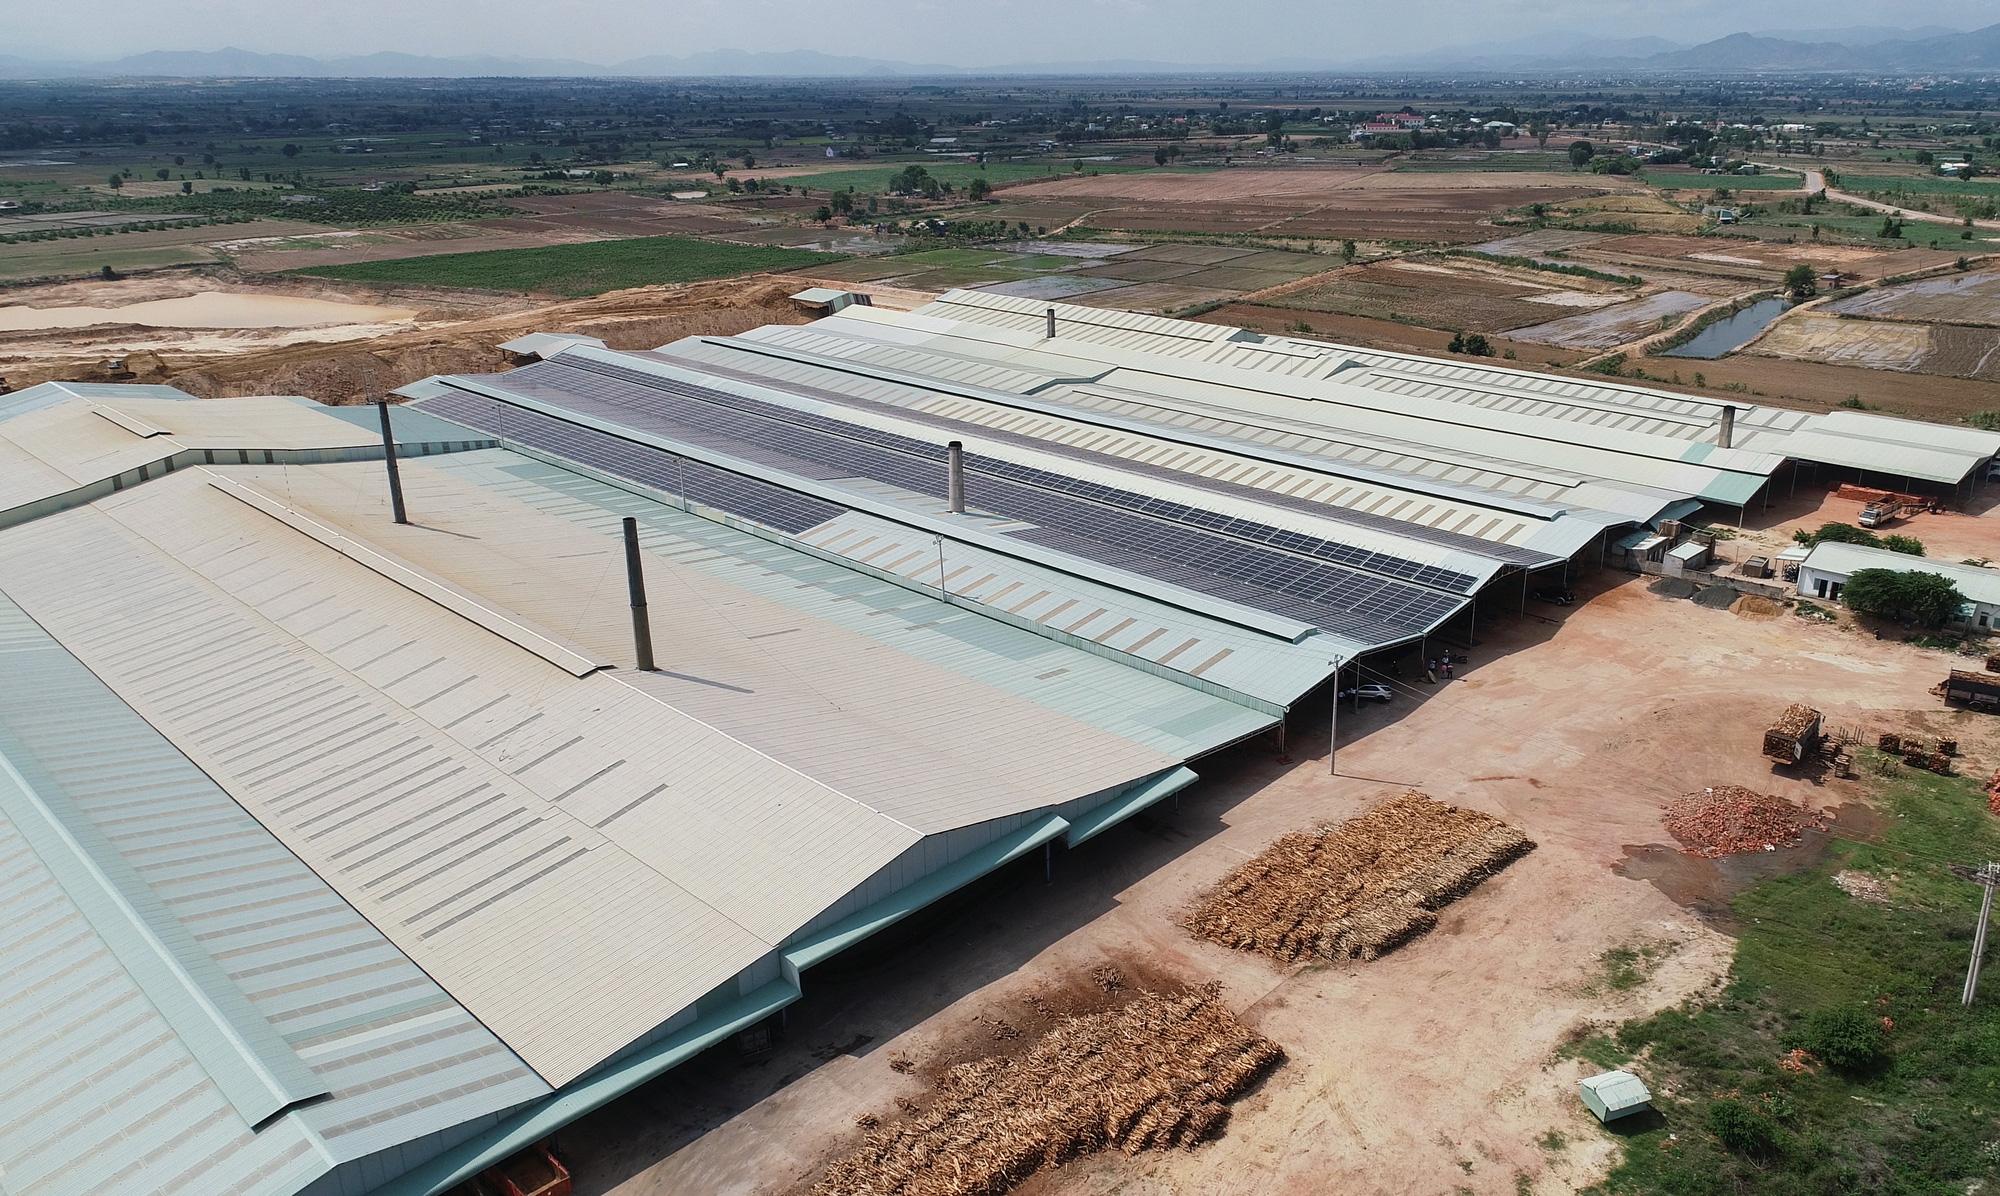 Dự án điện mặt trời mái nhà: Dân ồ ạt đăng ký nhưng chưa có thông tư - Ảnh 3.